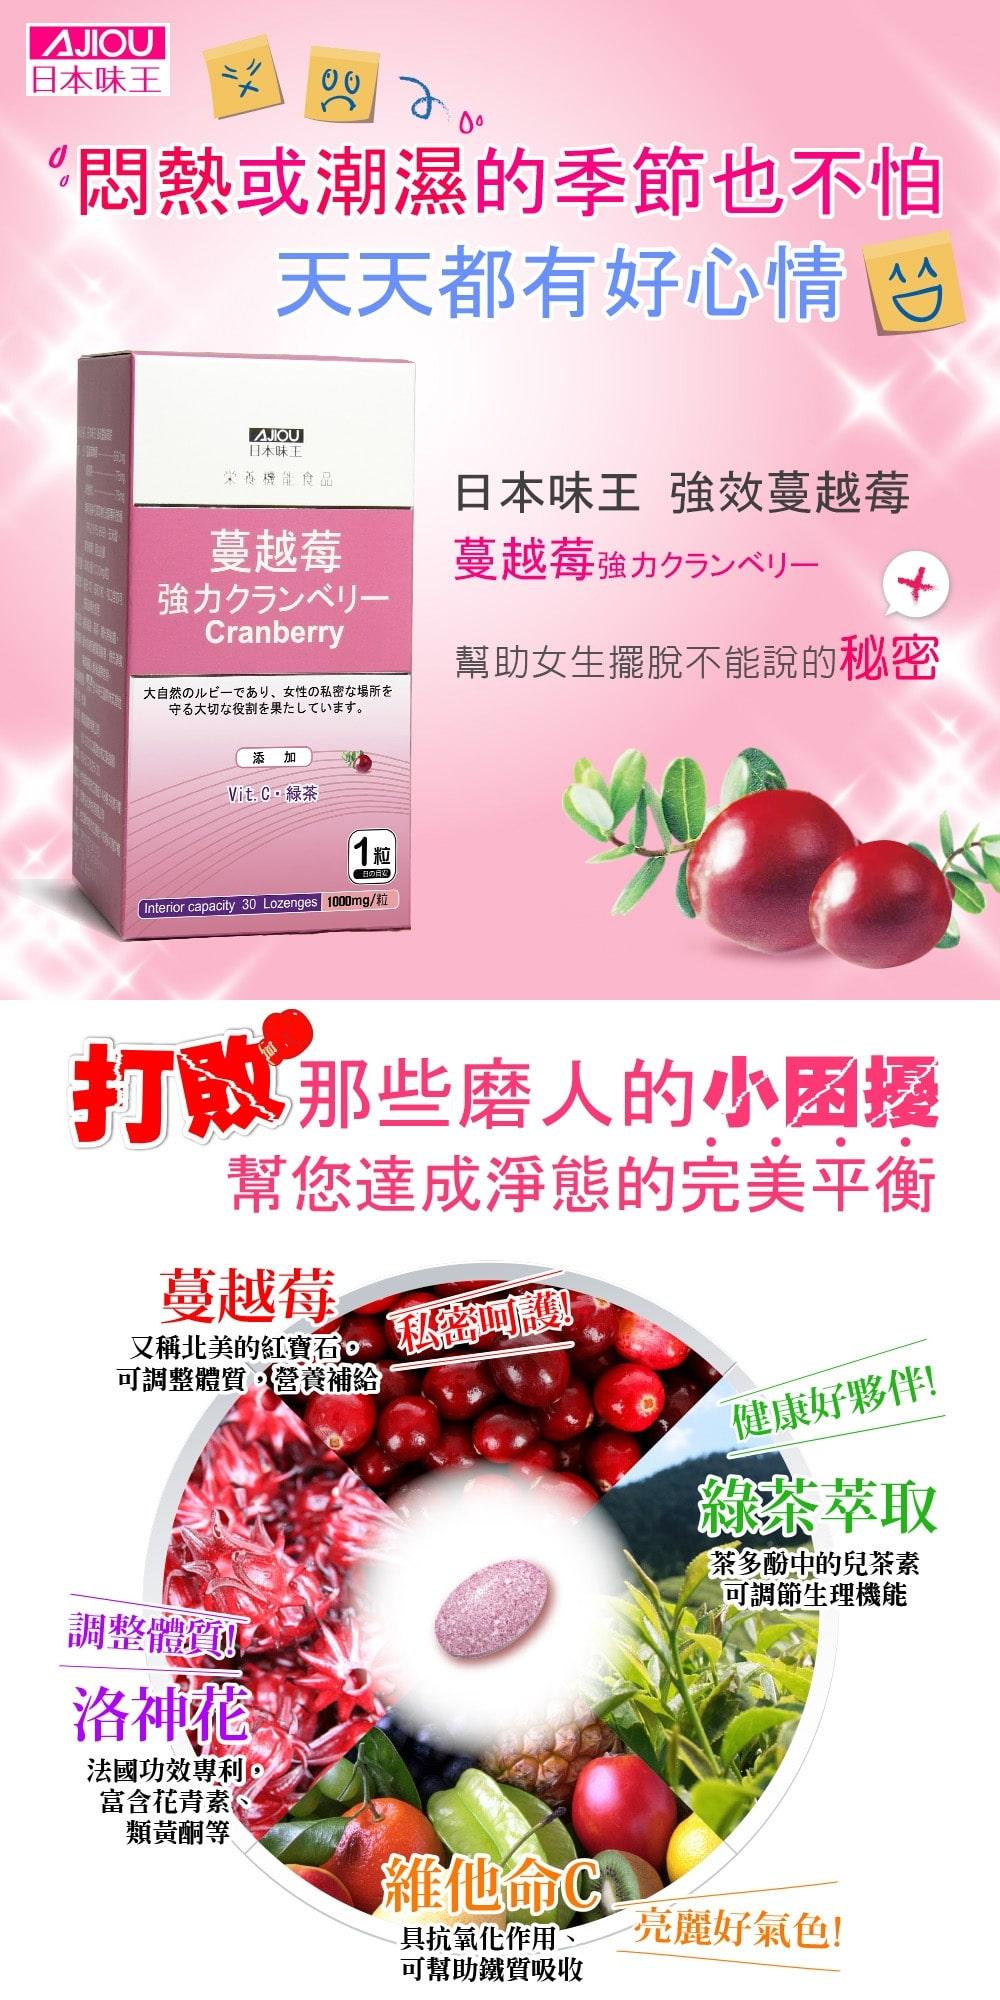 AJIOU Cranberry Ingot - Intro